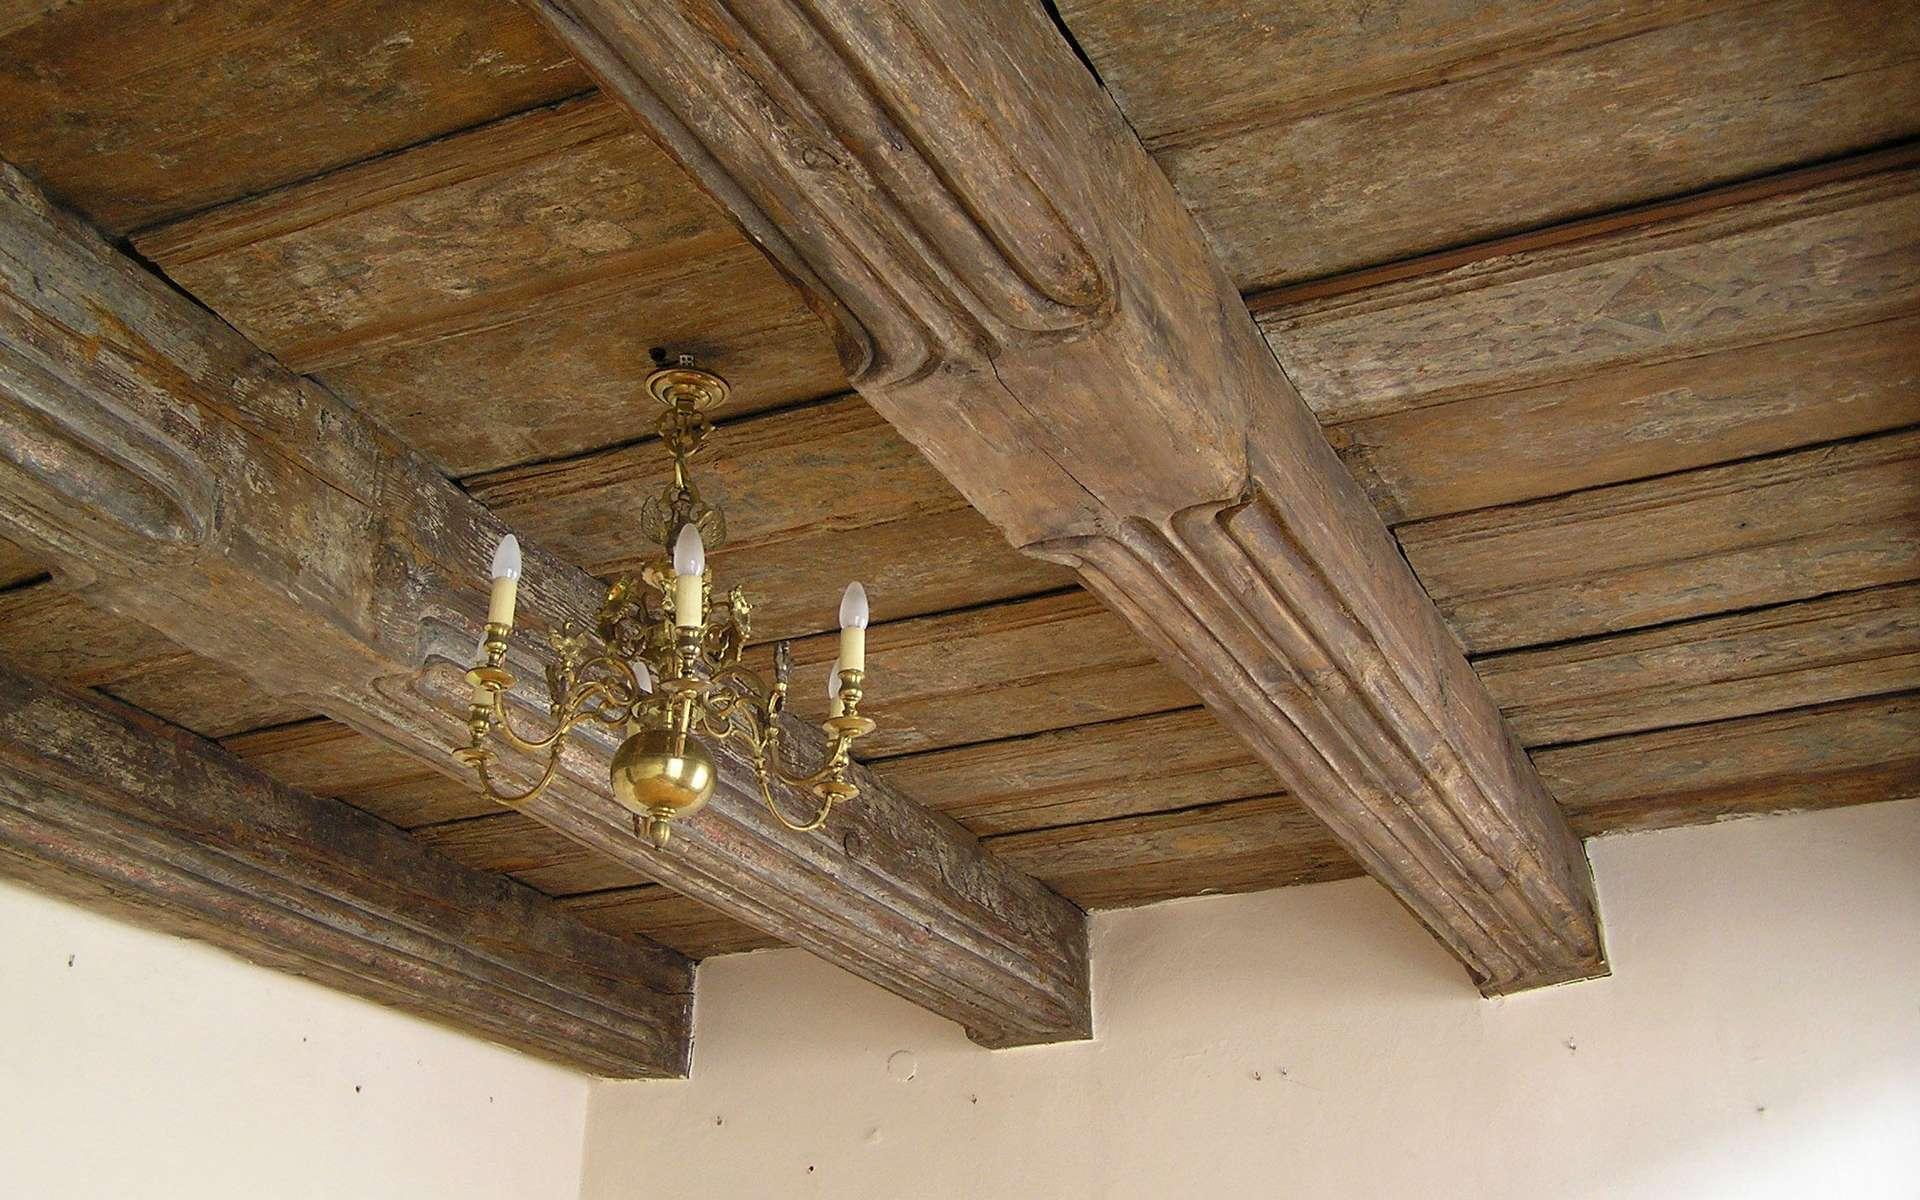 Une poutre est un élément de charpente équarri. Ici une poutre en bois. © Pko, CC BY SA 2.5, Wikipedia Commons